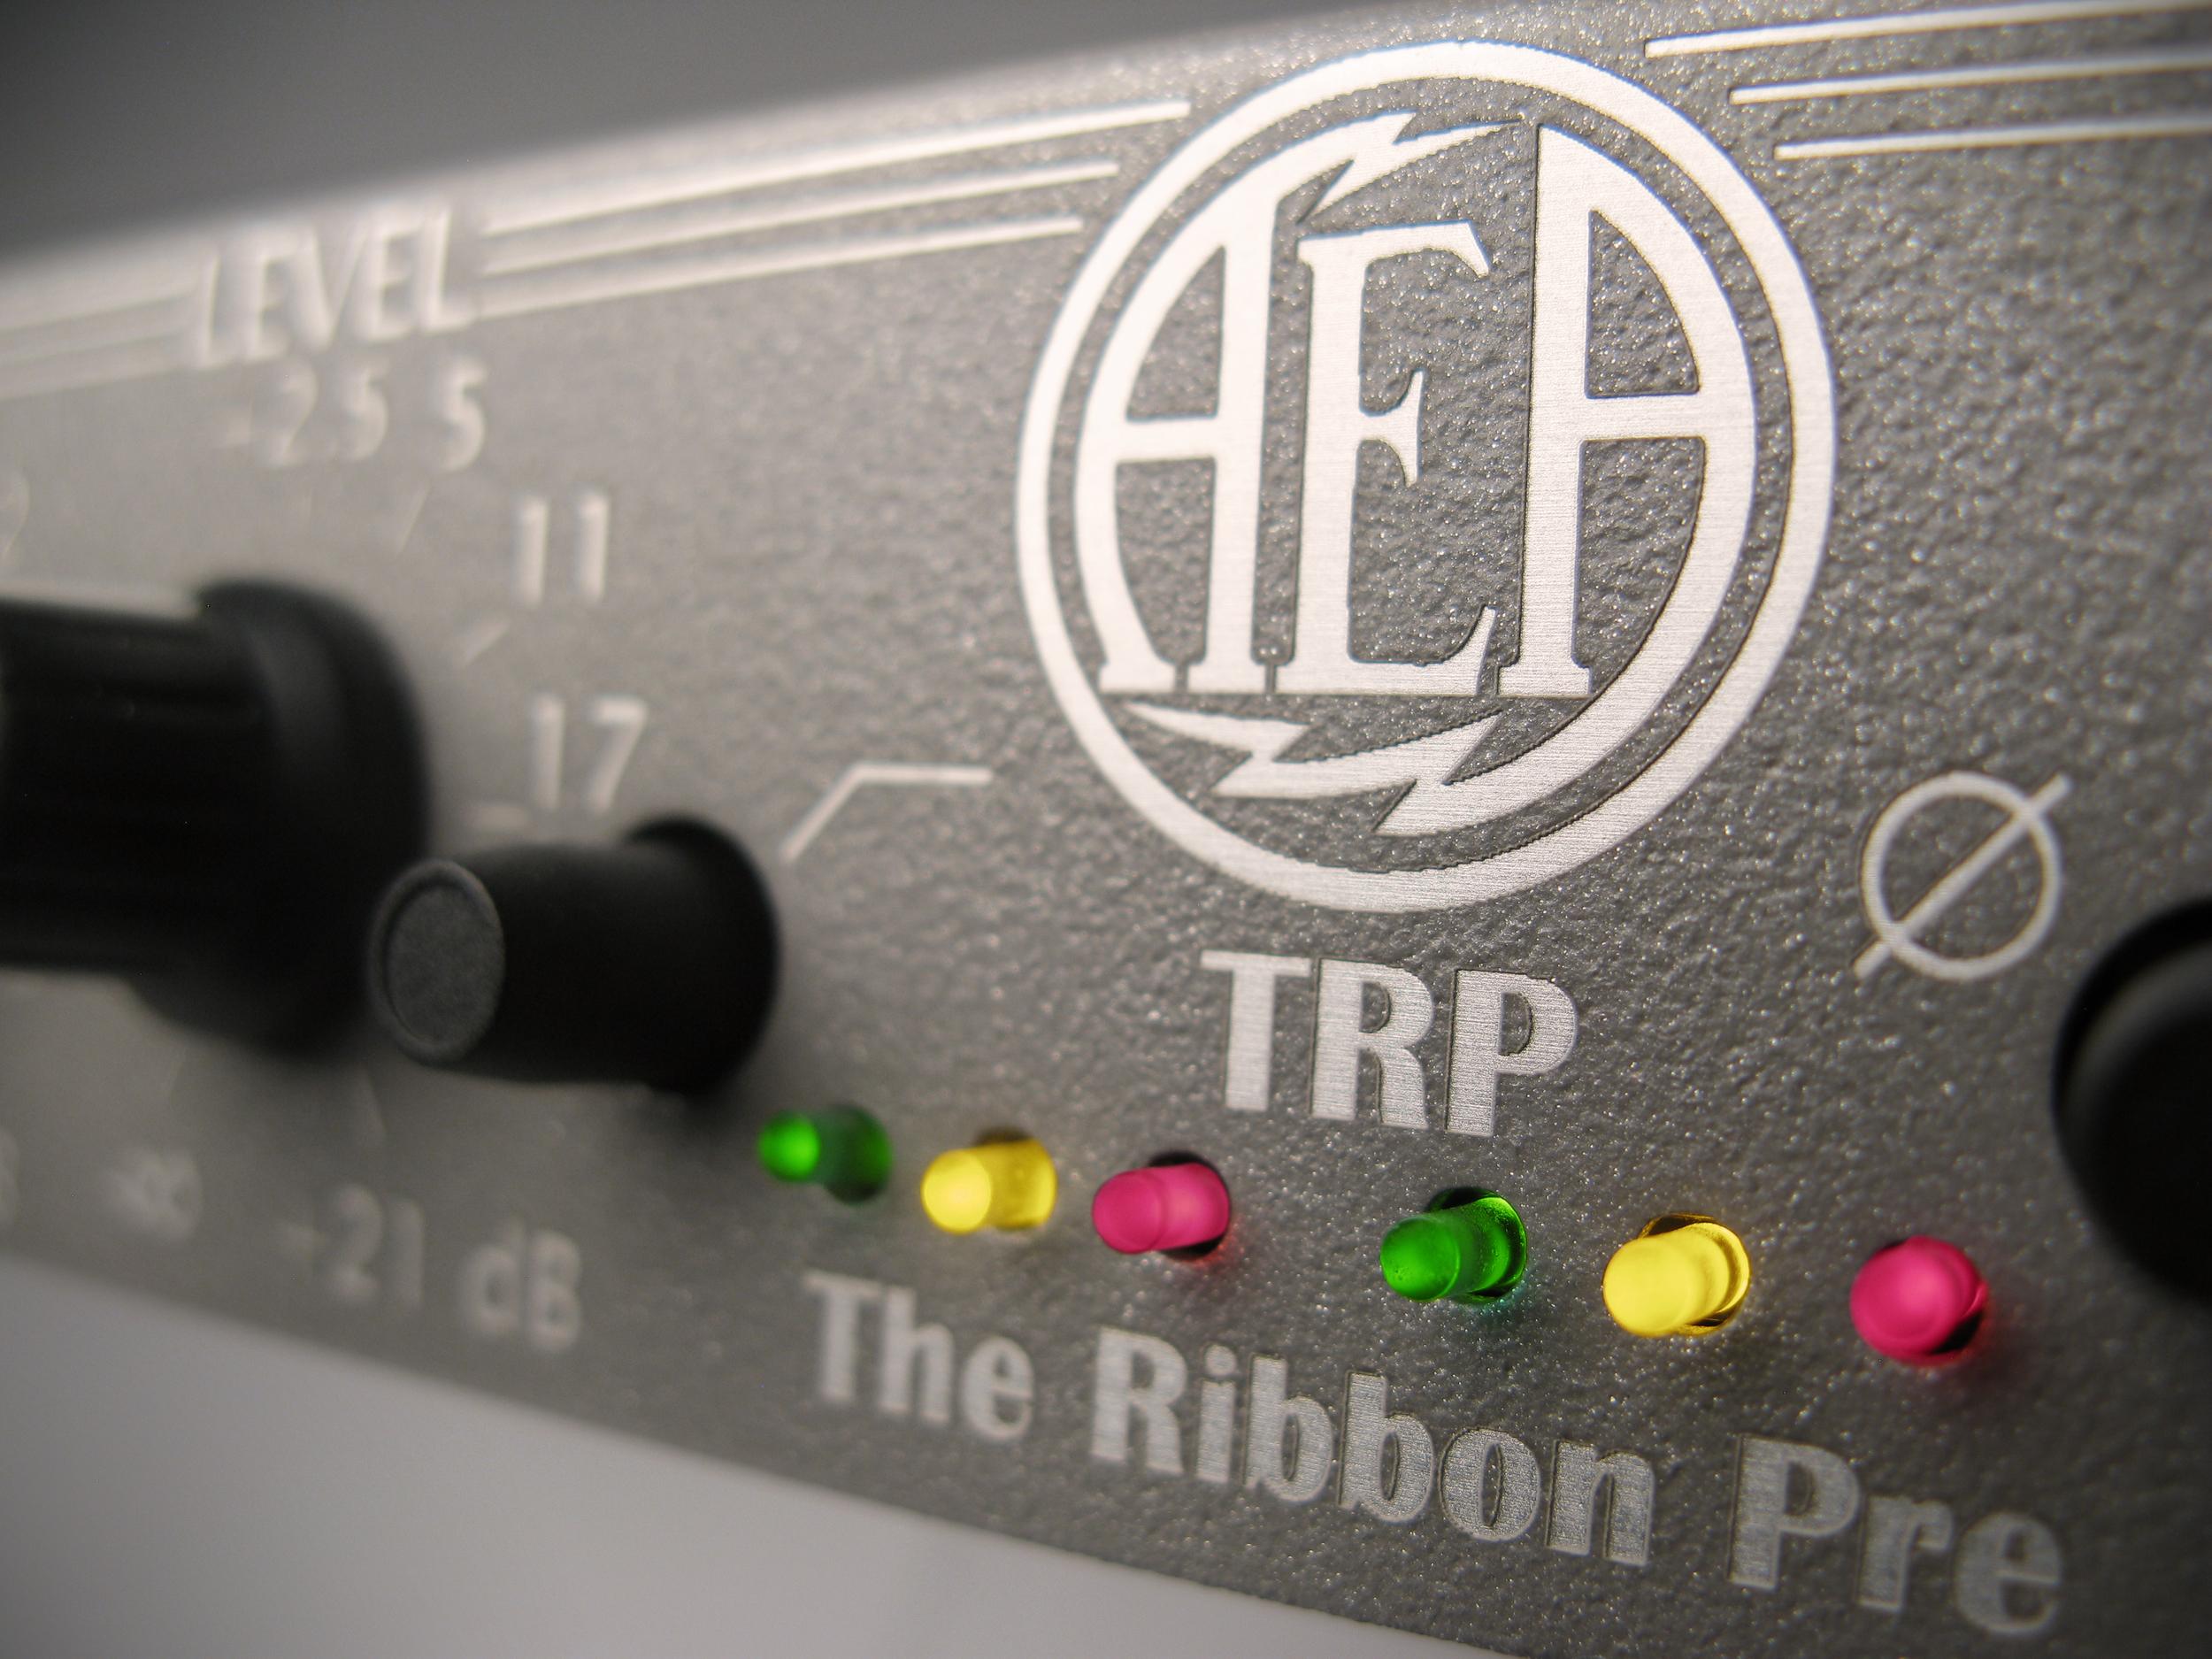 TRP-Closeup1.jpg